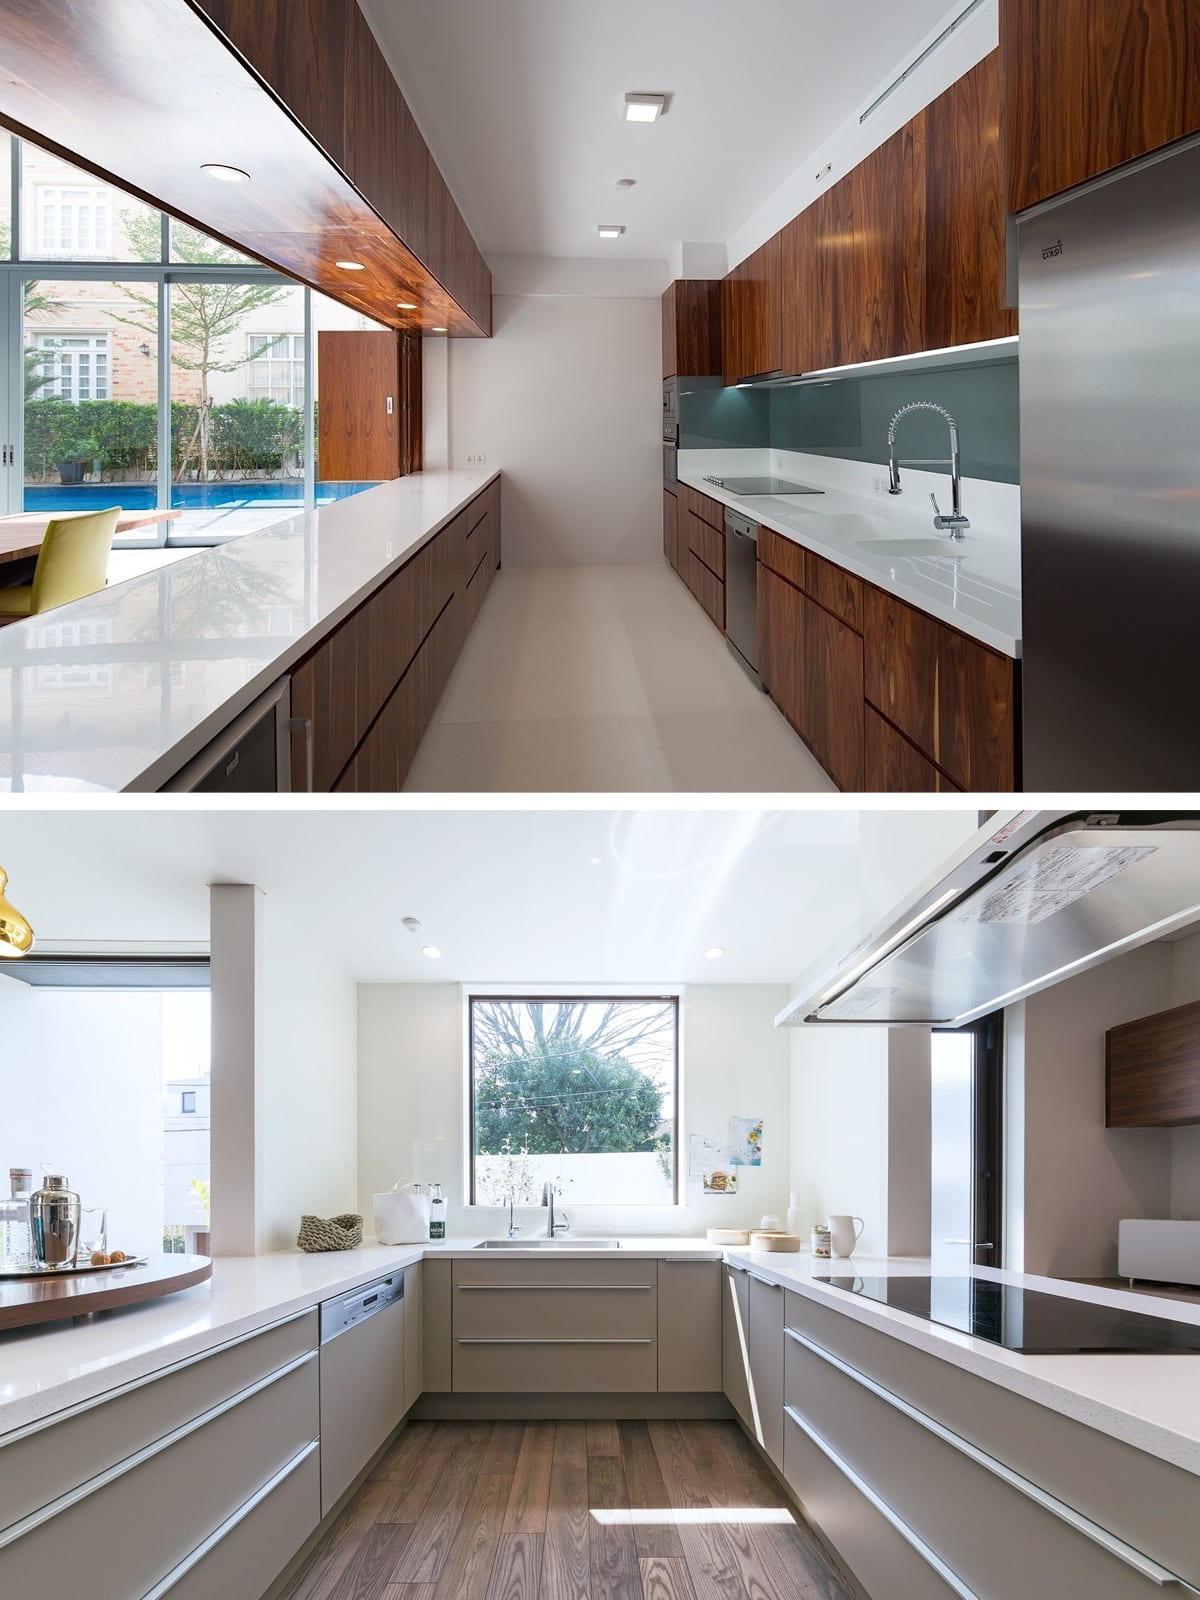 Мебельные фасады для кухни, имеющие интересный цвет, рисунок и фактуру - могут стать ярким акцентом всего помещения